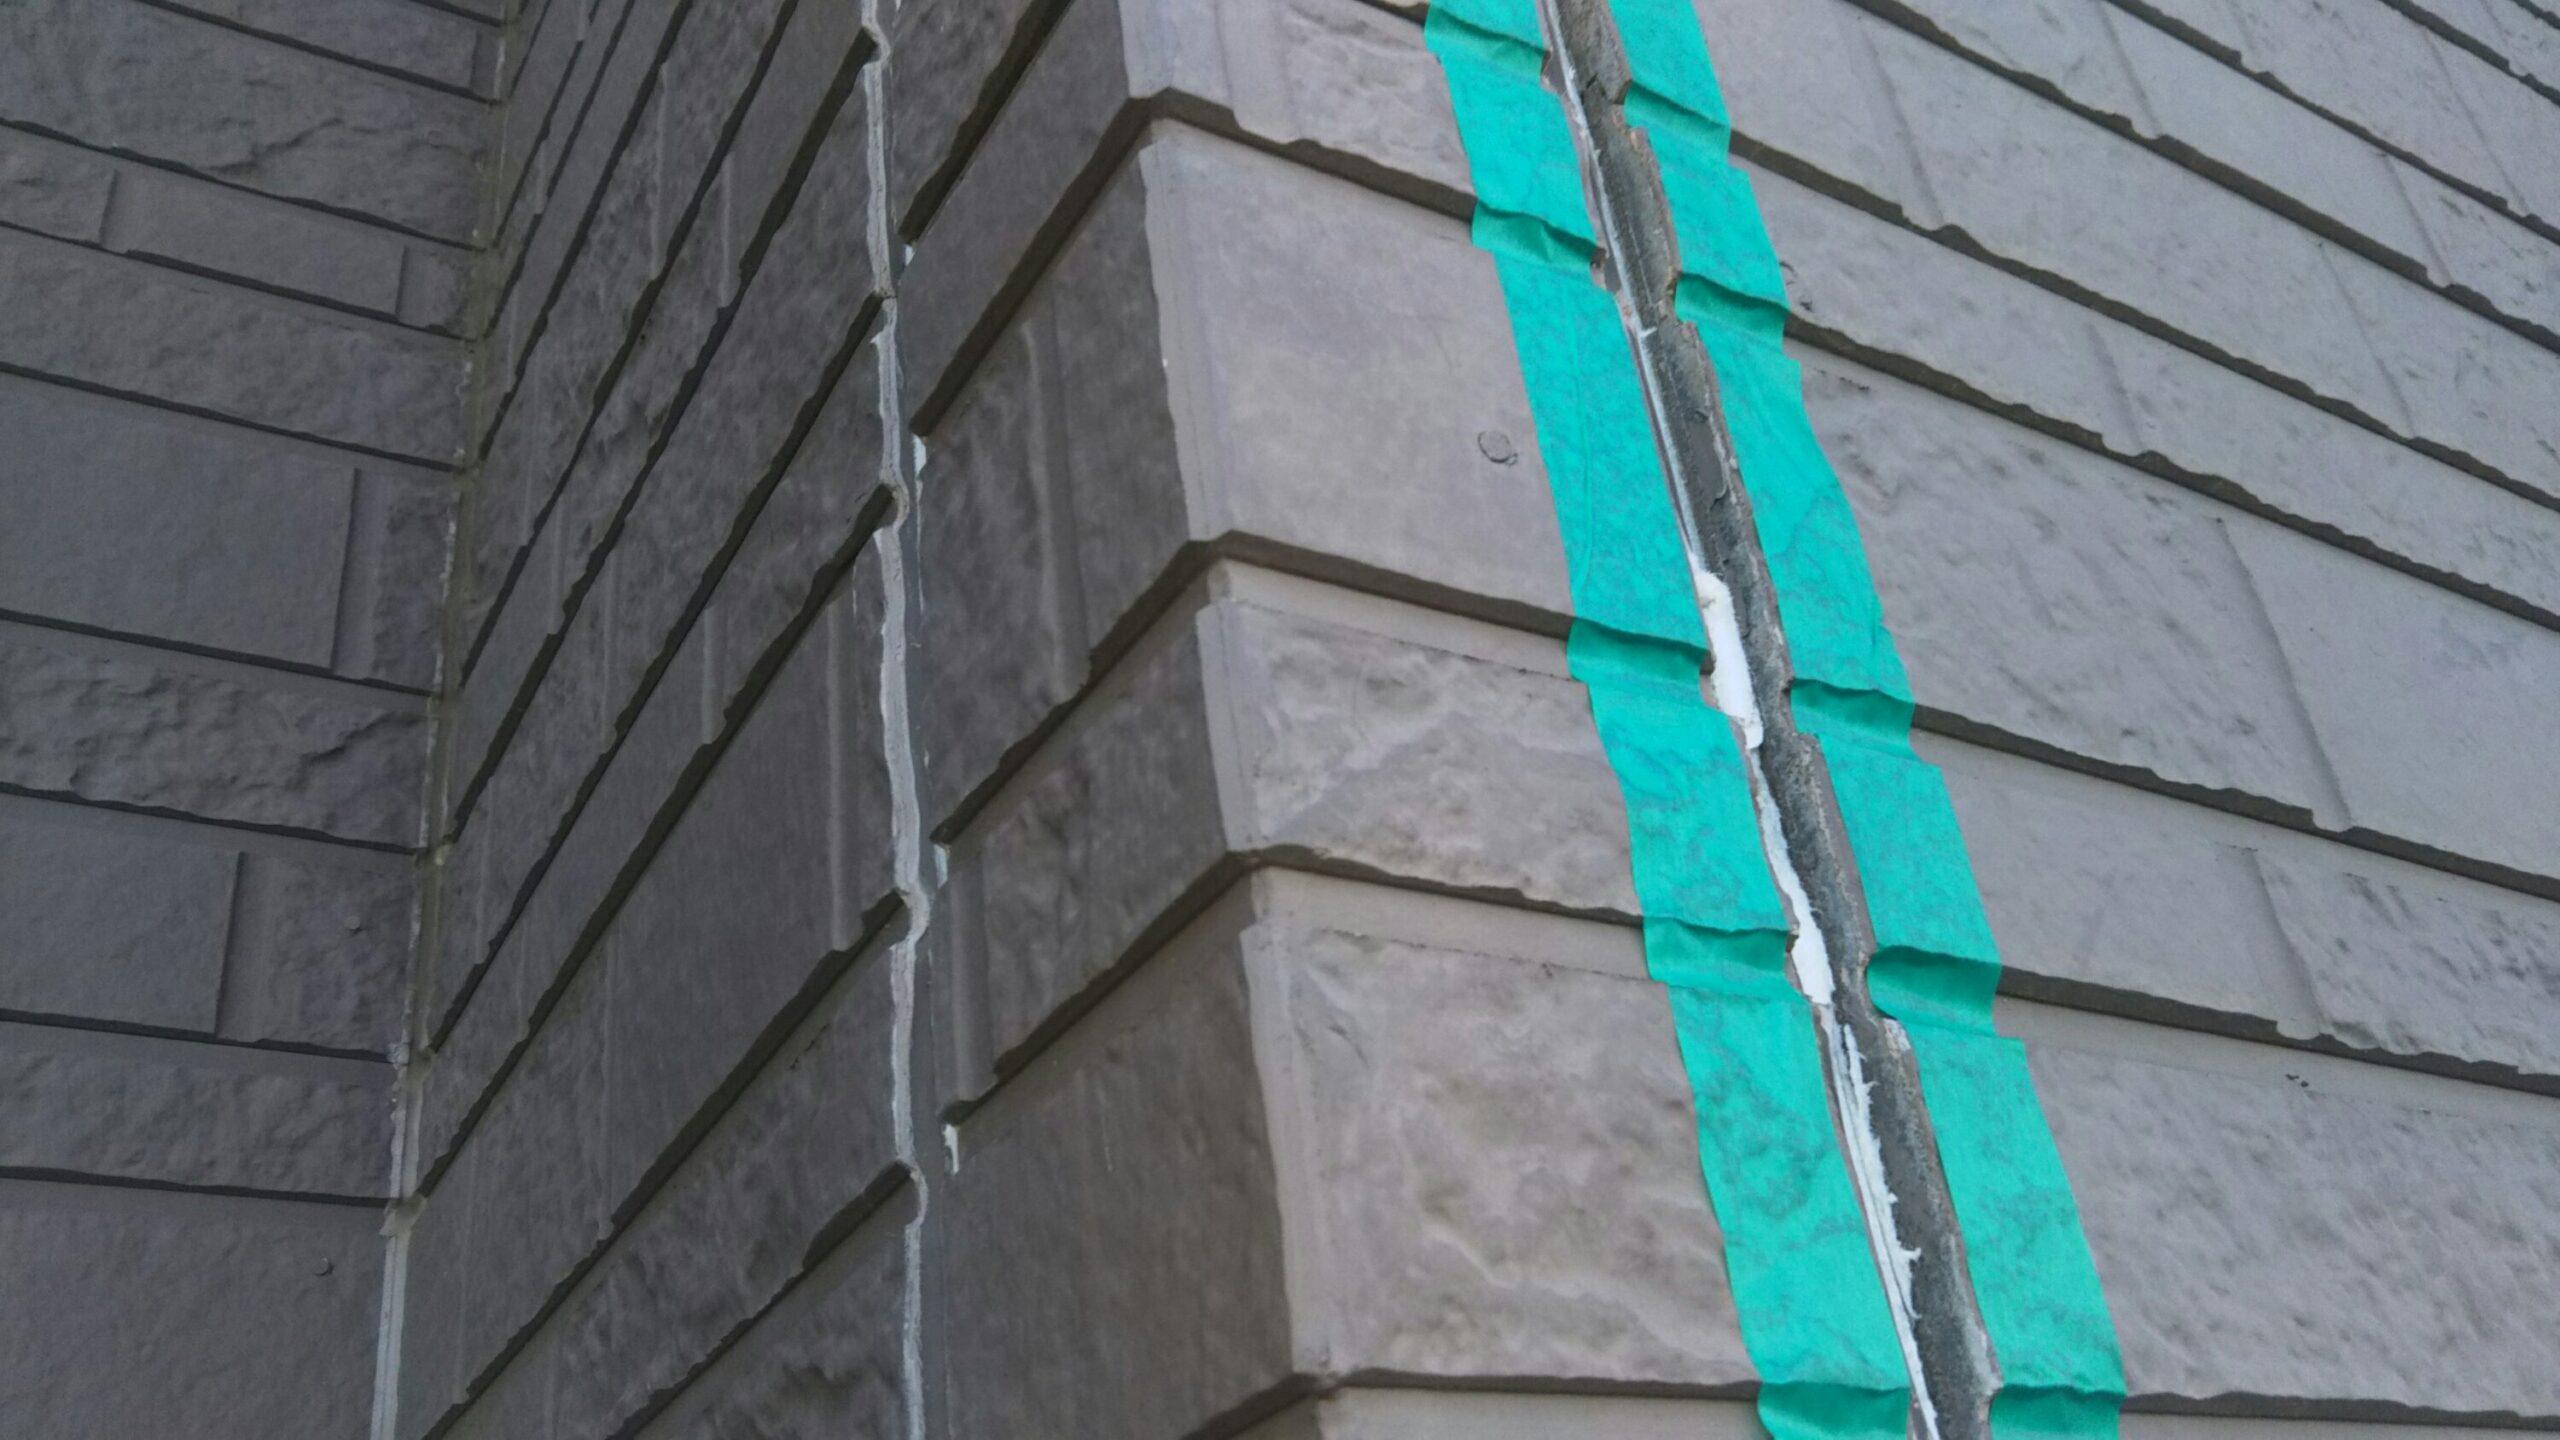 埼玉県さいたま市中央区のK様邸(木造3階建て)にて屋上防水・コーキングの打ち替え